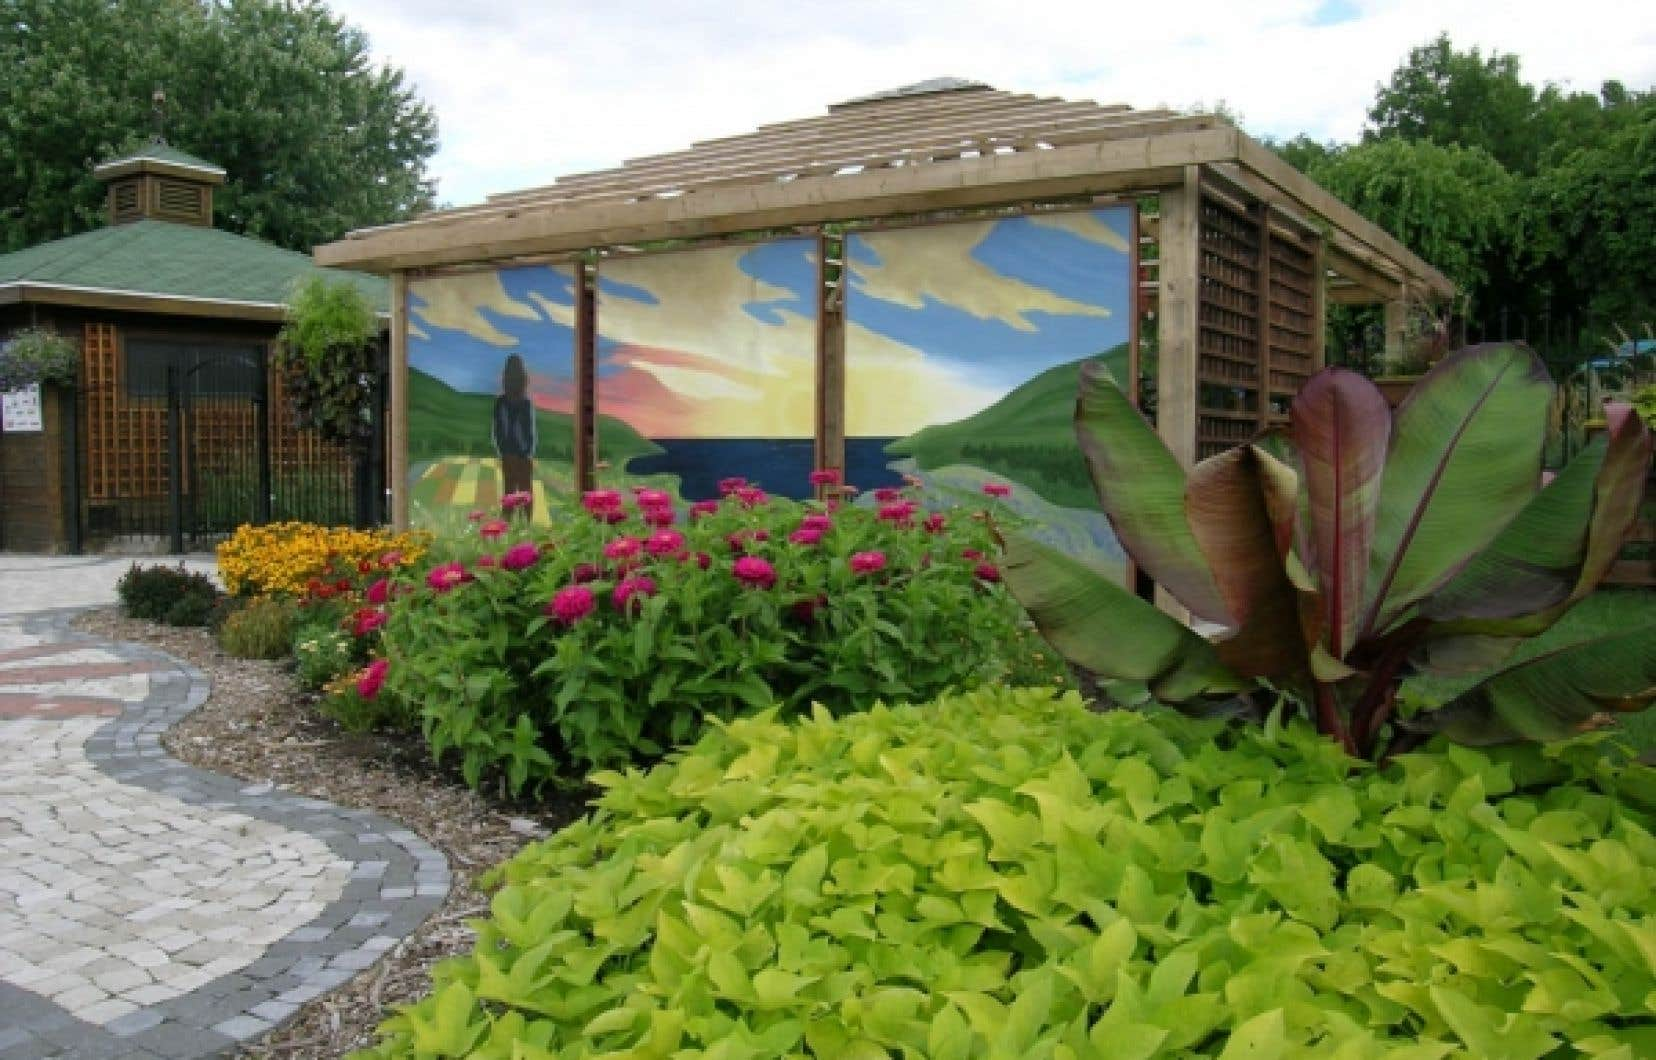 Le jardin daniel a s guin le devoir for Porte et fenetre quebecoise st hyacinthe